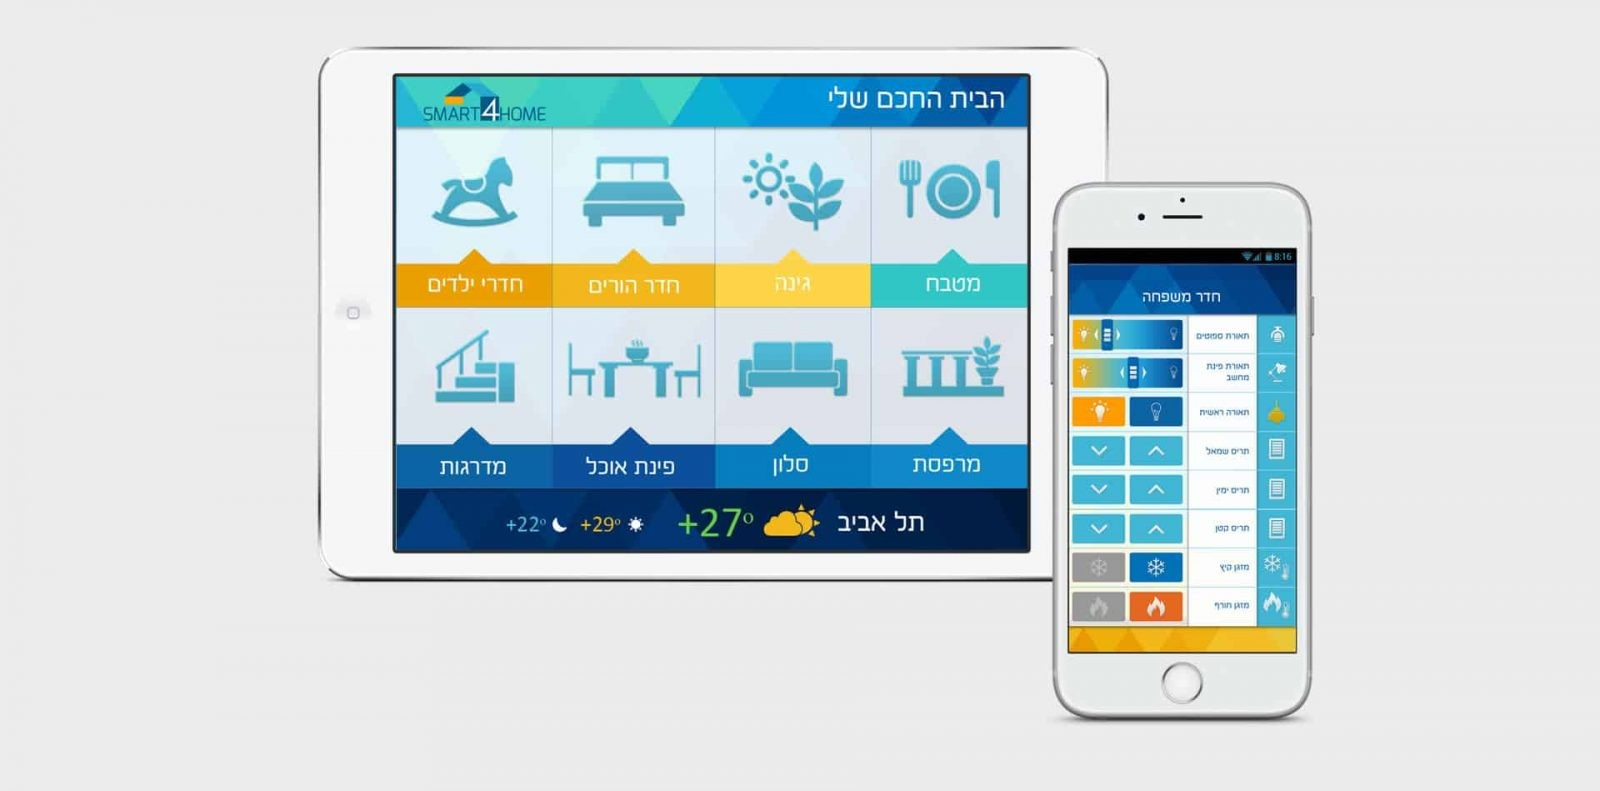 smart4home, עיצוב אפליקציות, GUI